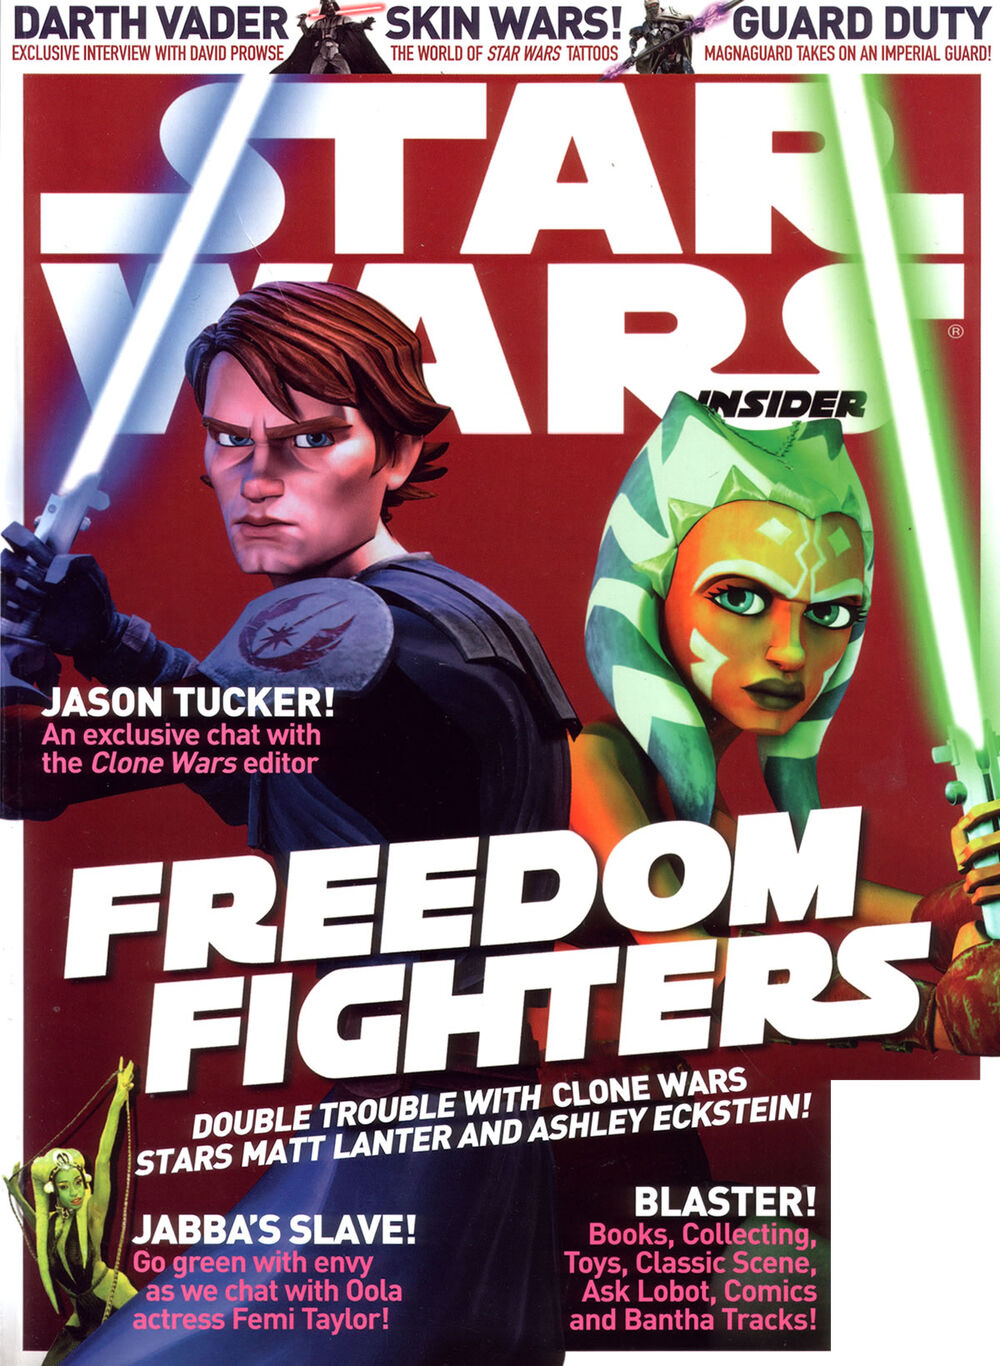 Star Wars Insider 108